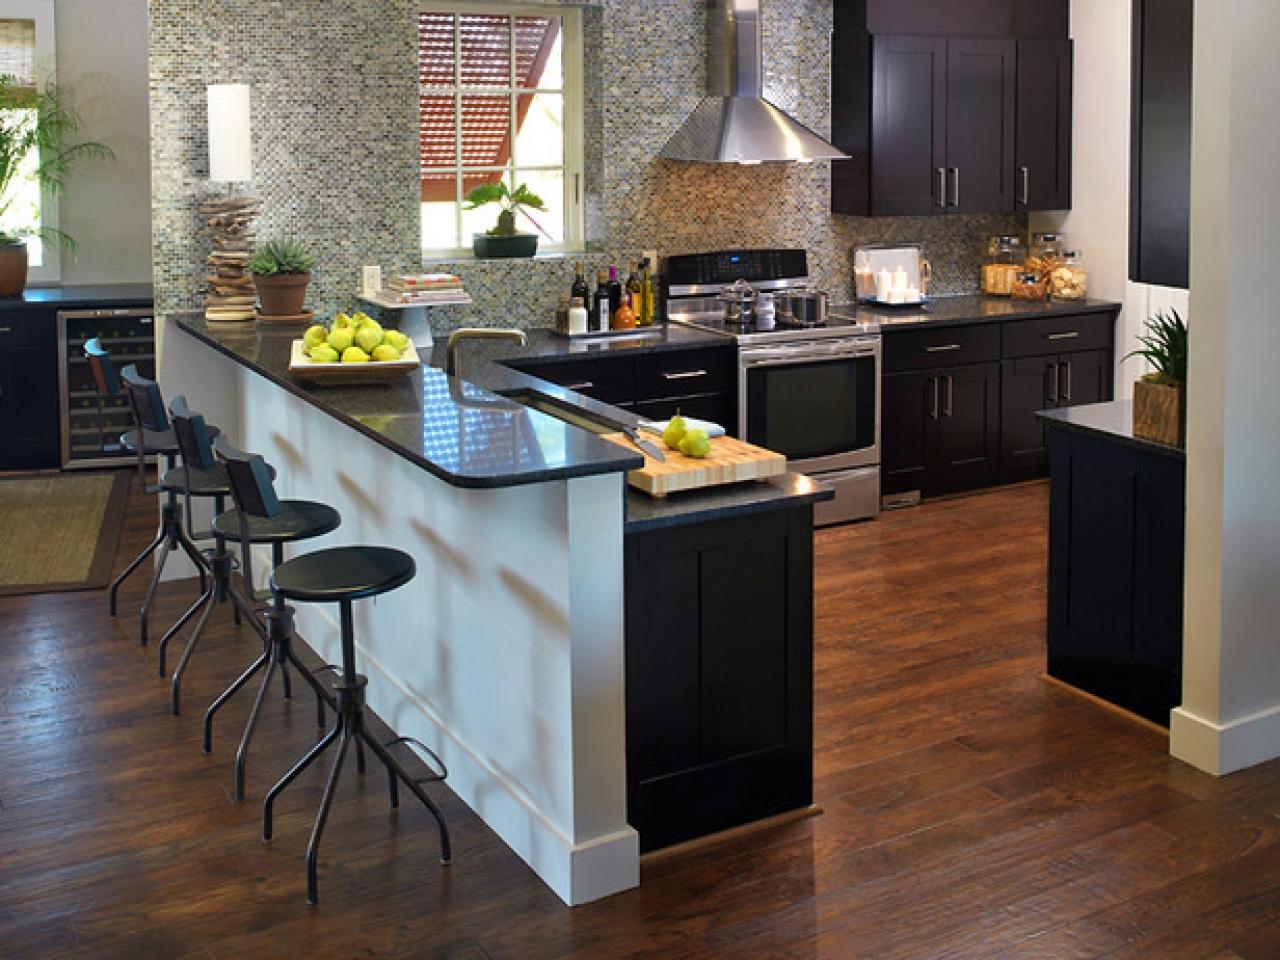 Кухни с барной стойкой в интерьере фото